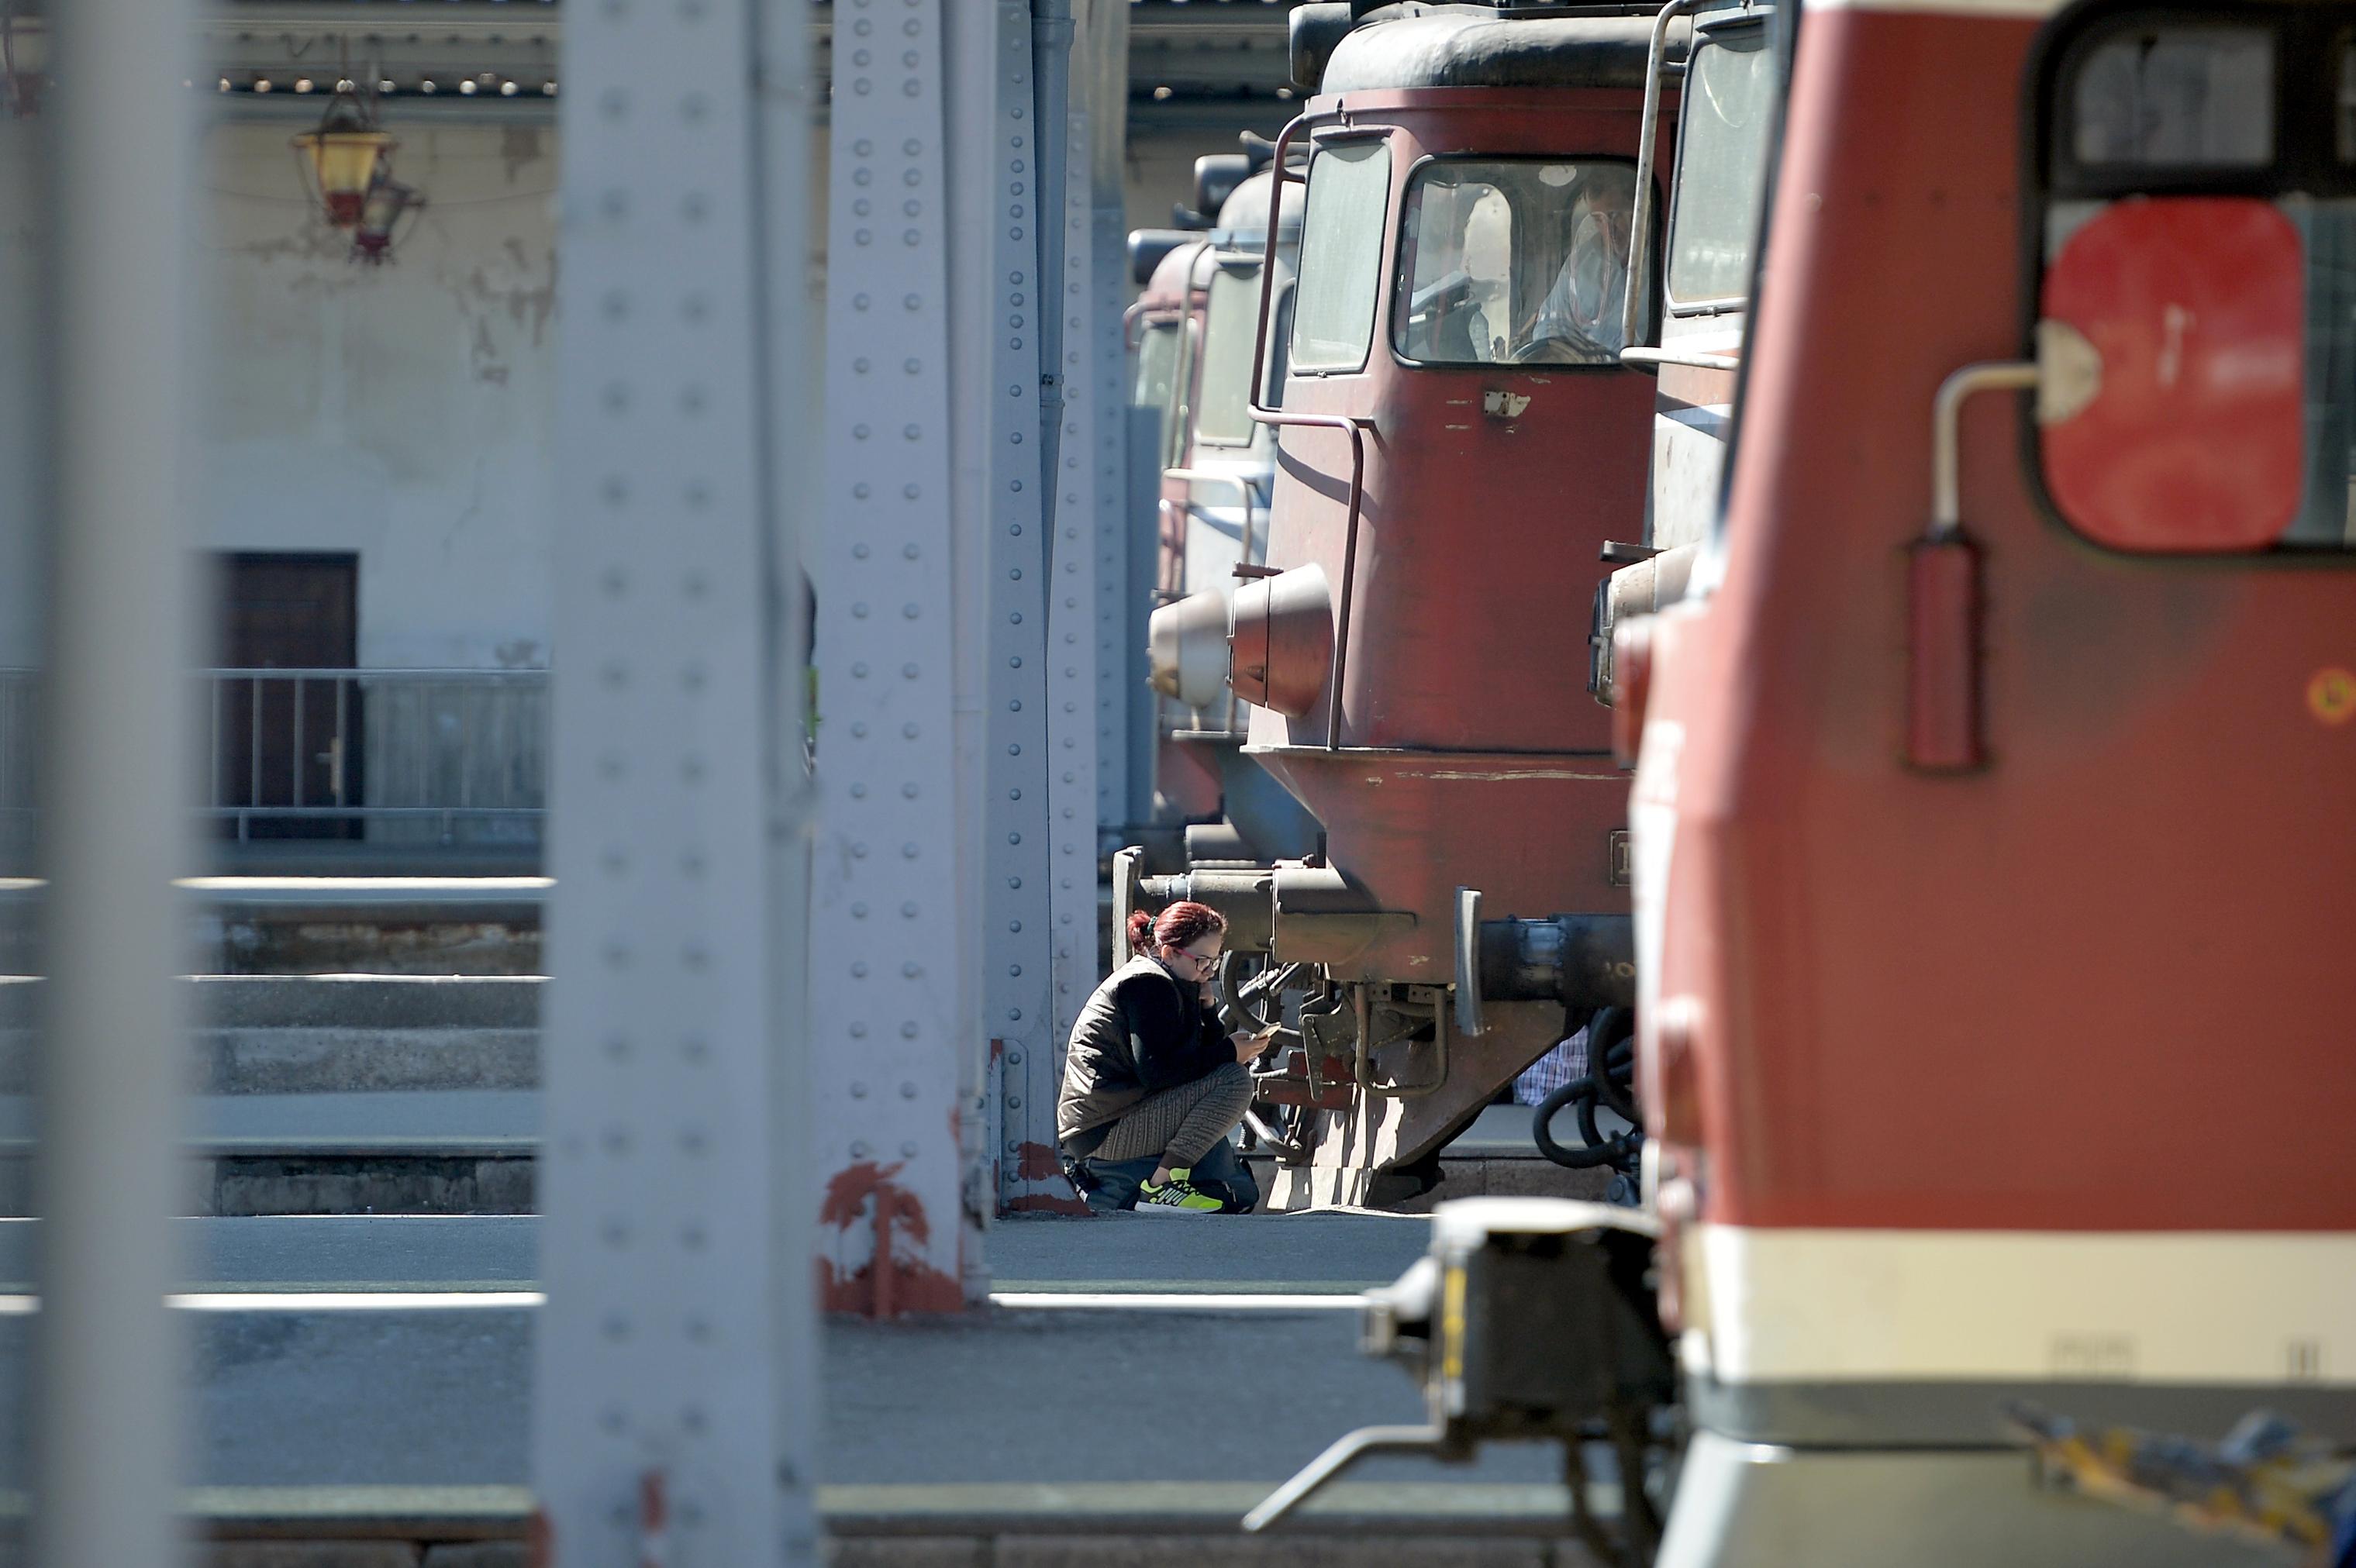 Trafic feroviat oprit în Vâlcea după ce o locomotivă s-a defectat. Două trenuri sunt oprite în staţii